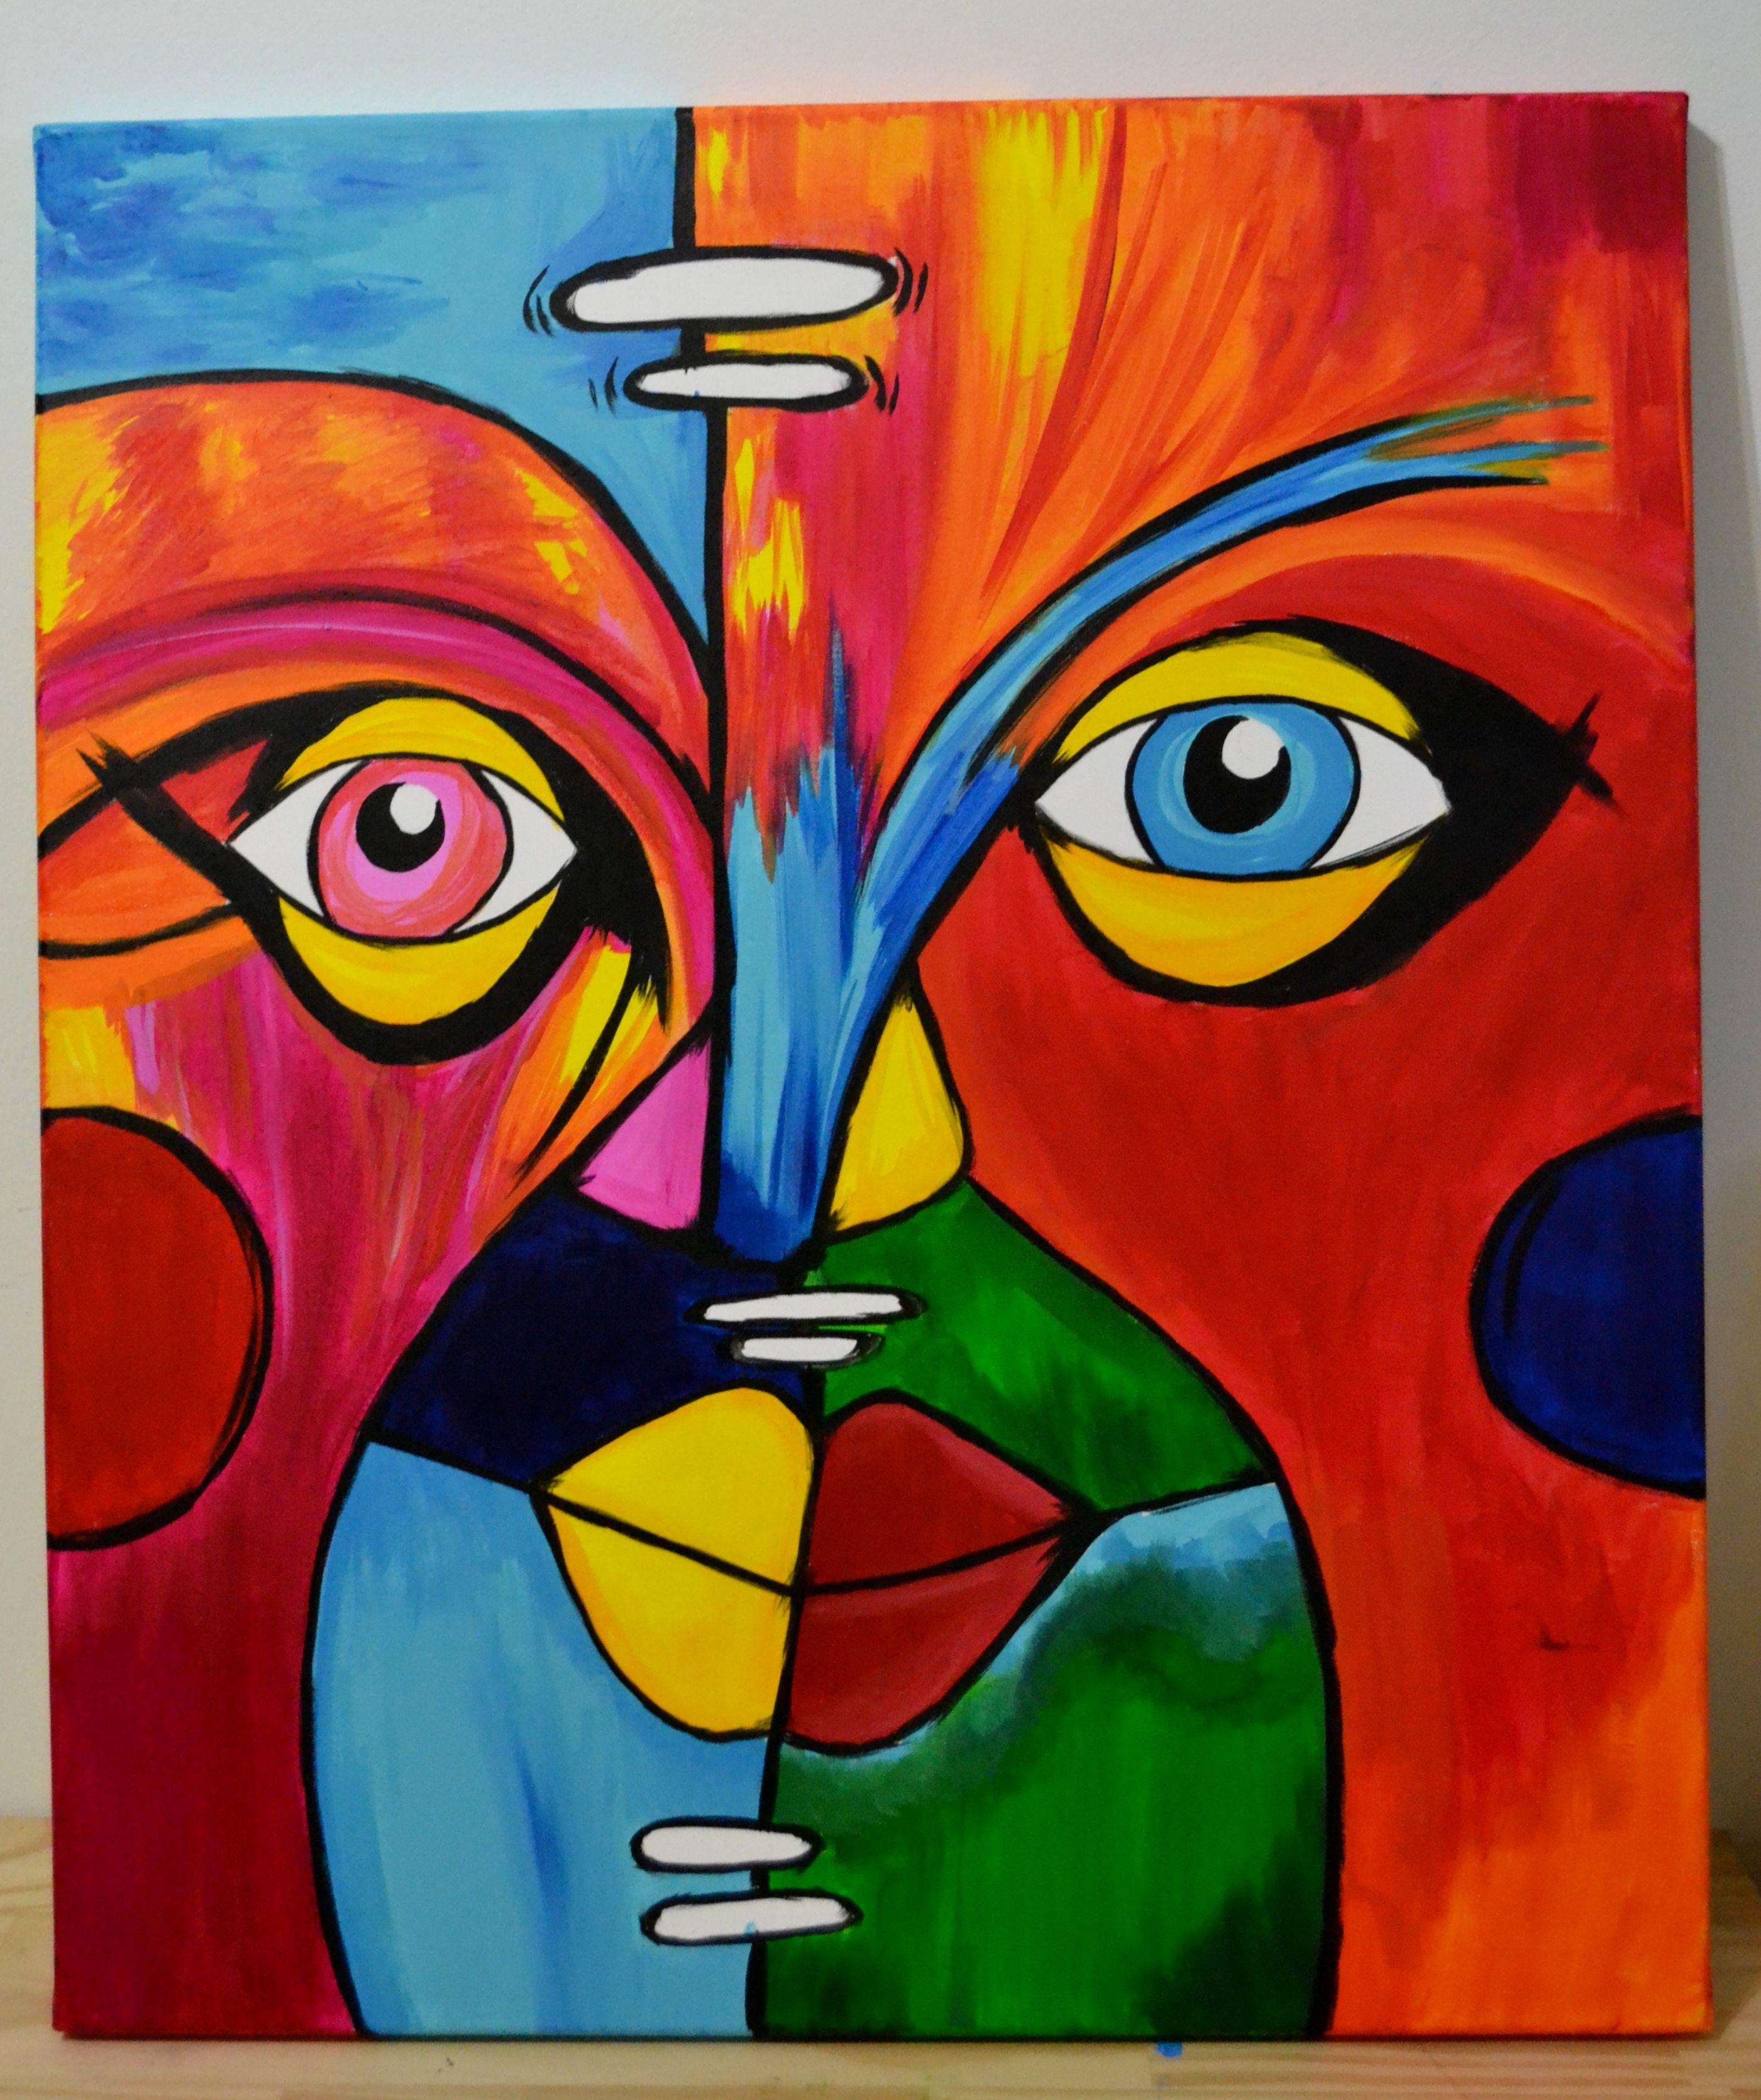 Pinturas de acrilico sobre lienzo arte 494481 new - Pintar en lienzo para principiantes ...